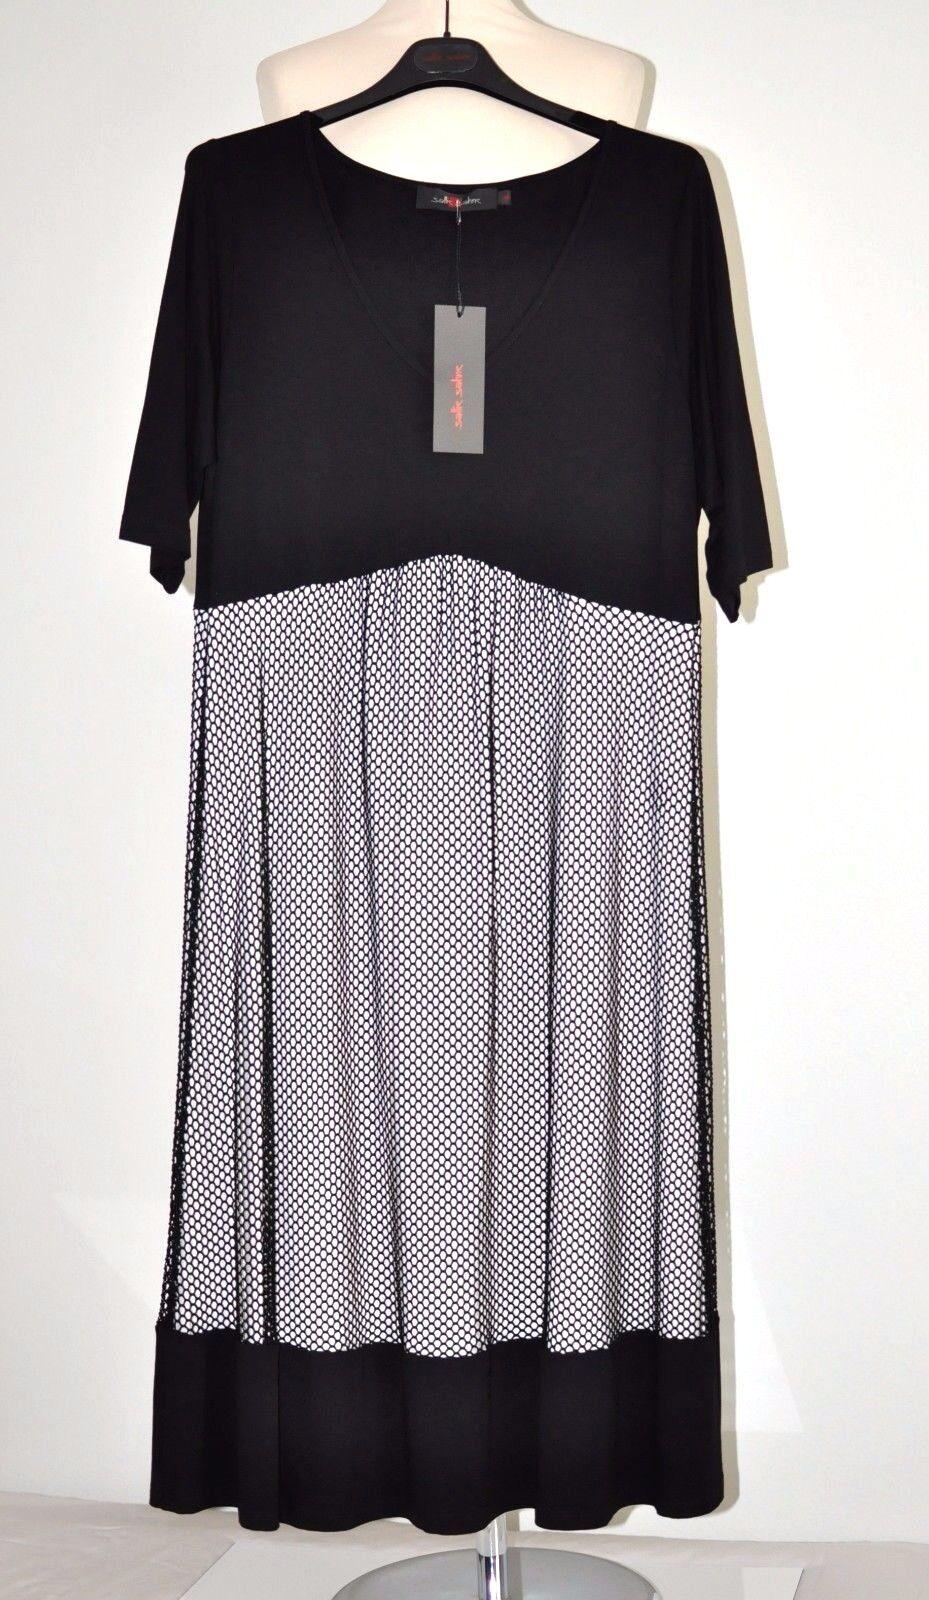 Sallie Sahne Gr 50  Viskose Jersey Kleid TIVO72 Netz Schwarz   Ecrue  NEU